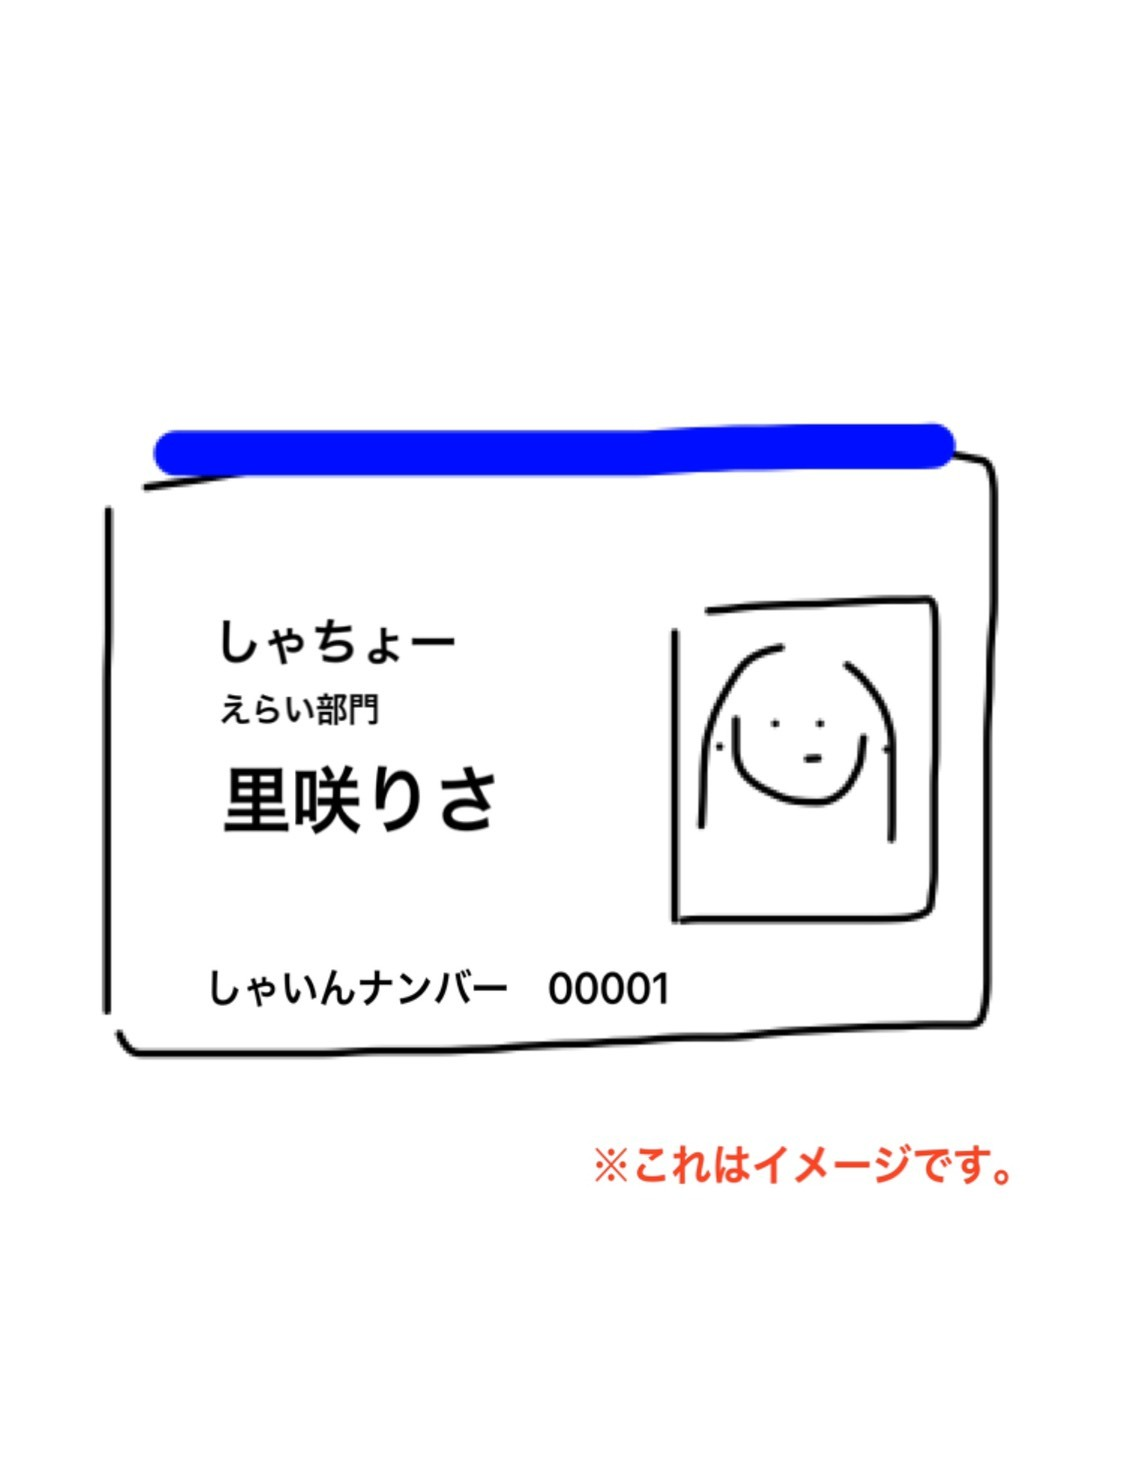 【第2次受付】社員証10000円